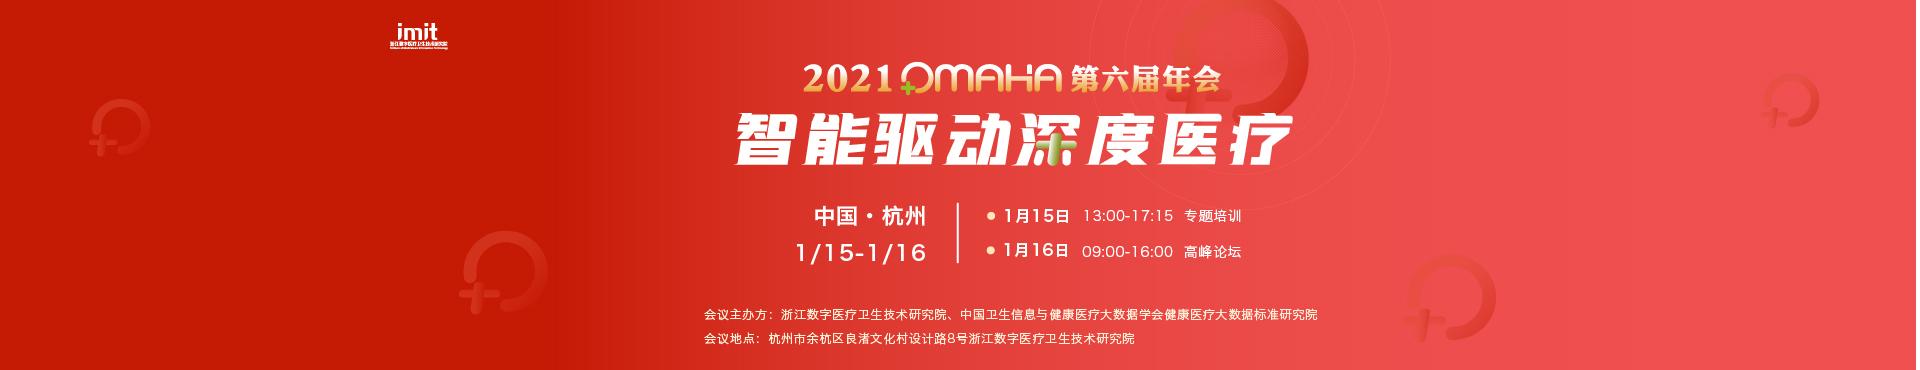 2021年OMAHA第六届年会——智能驱动深度医疗